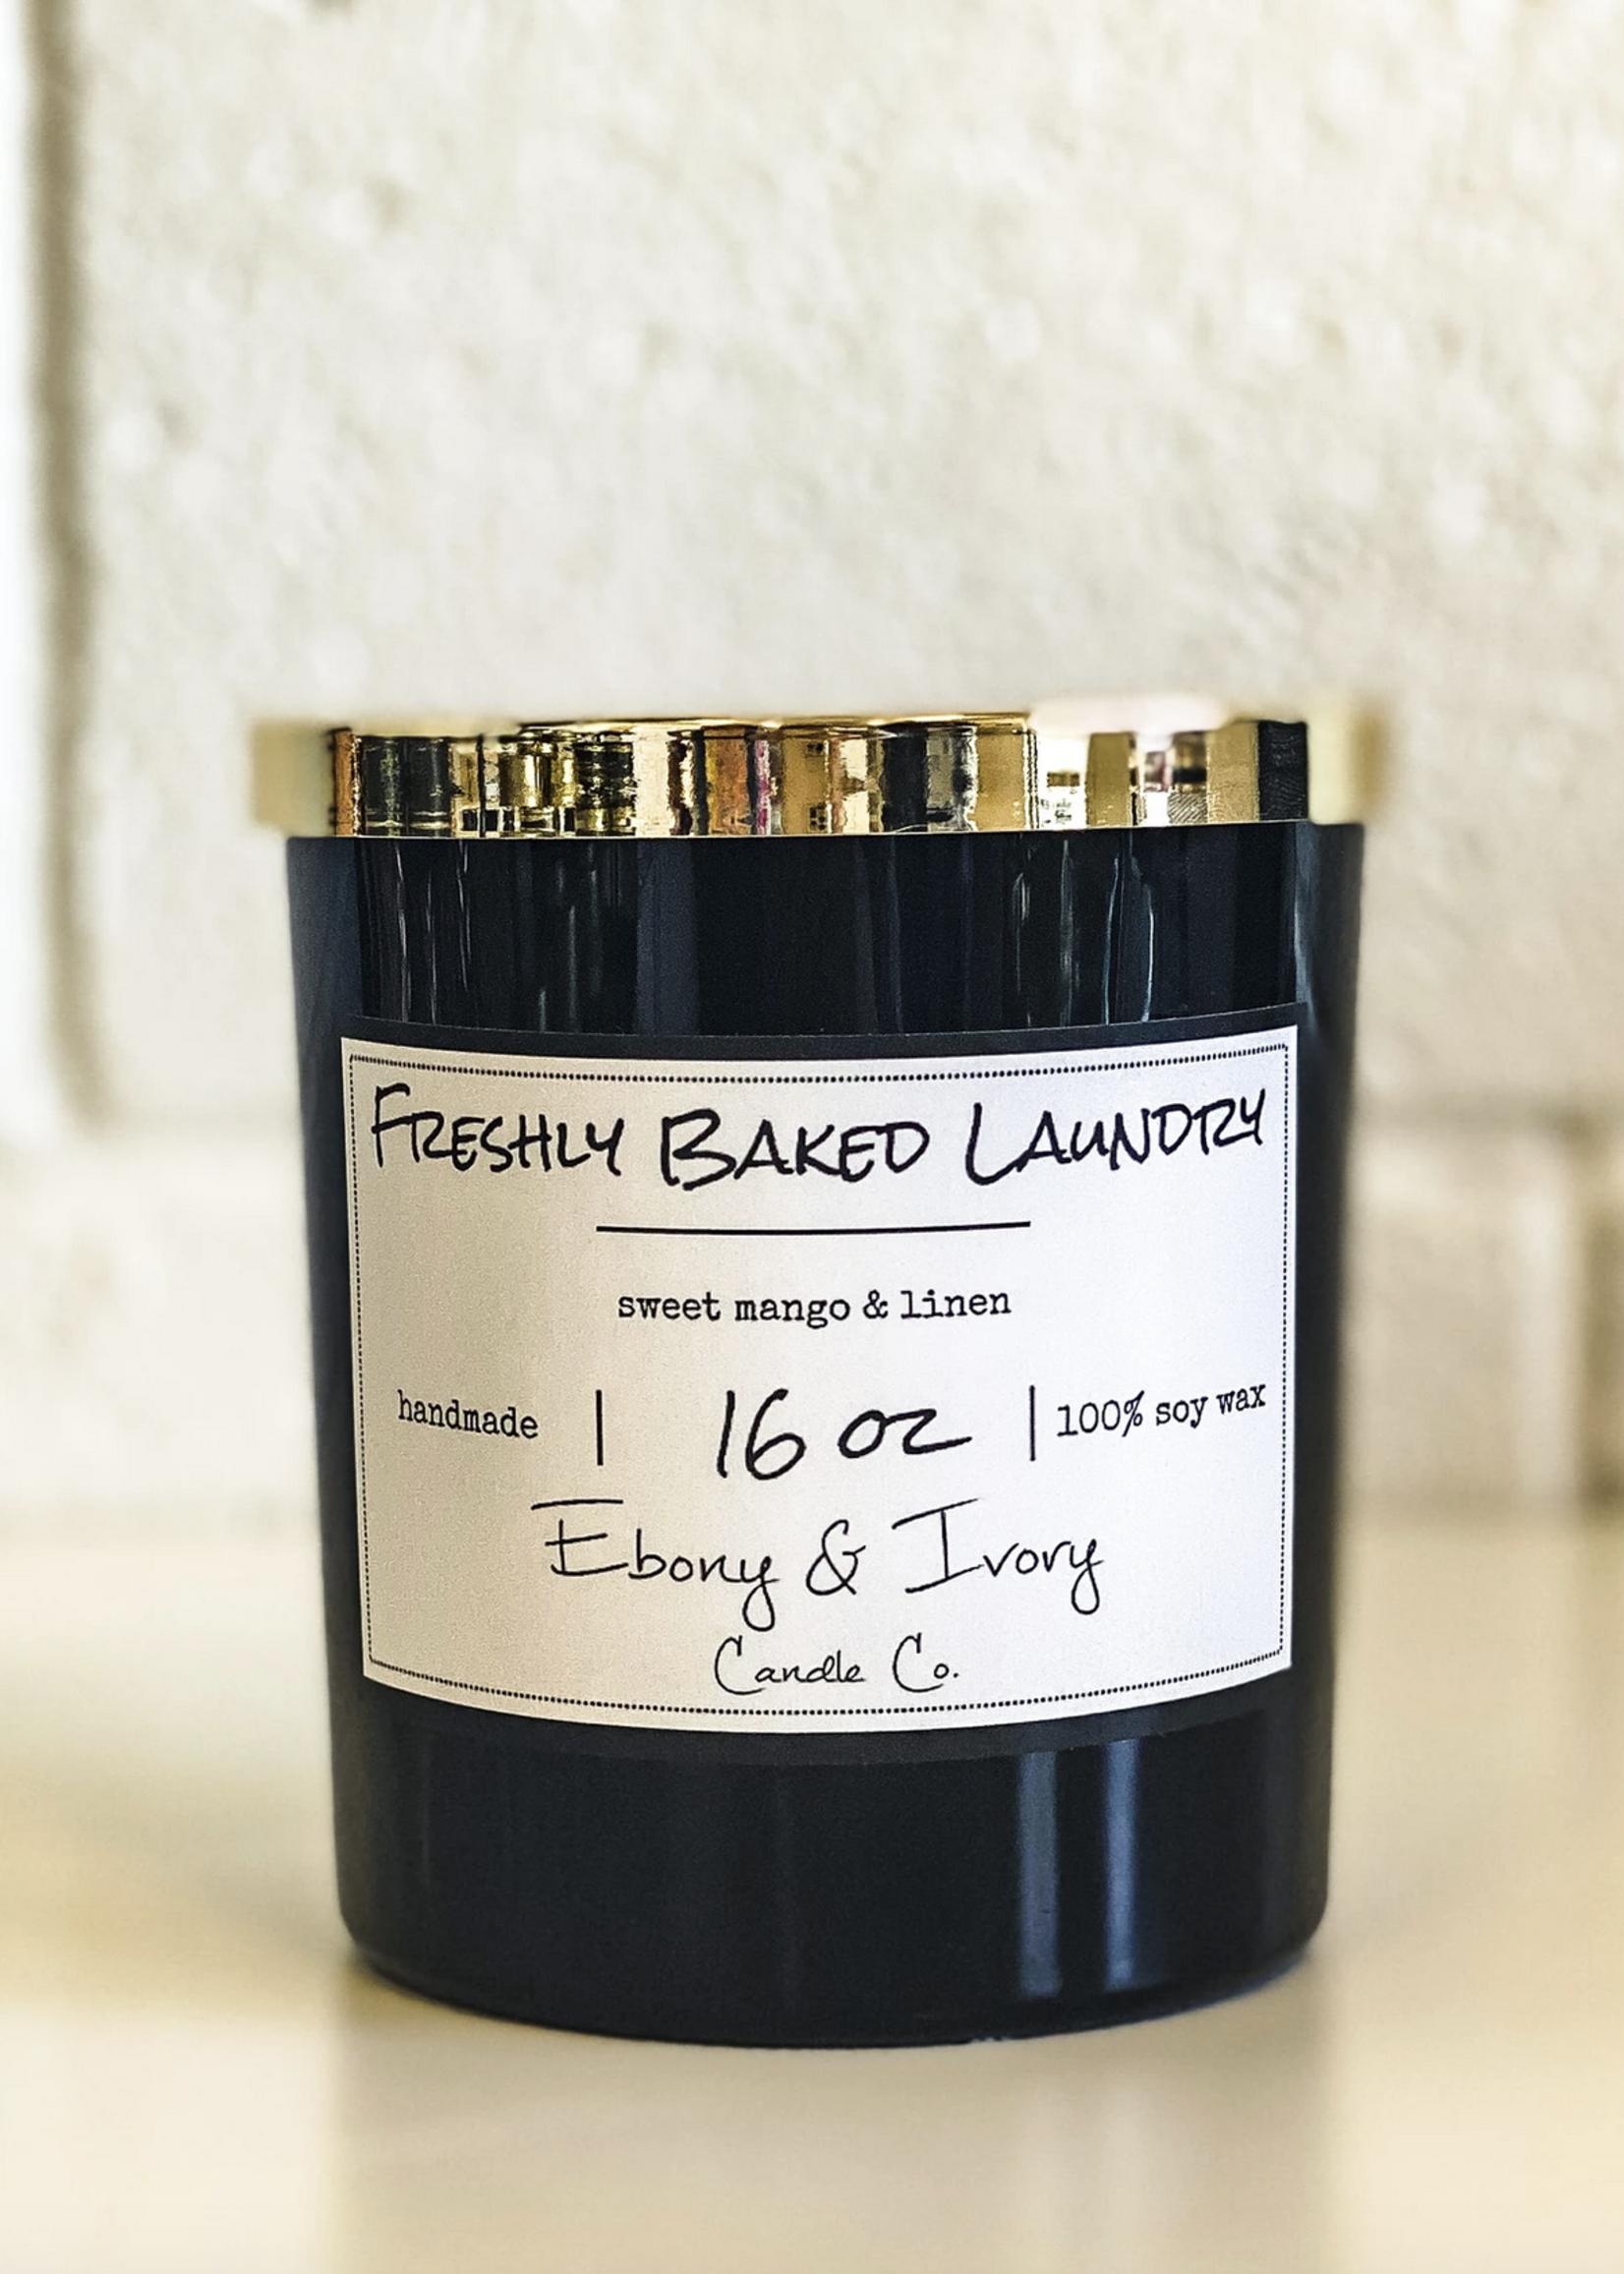 Ebony & Ivory Candle Co. Fresh Baked Laundry-16oz